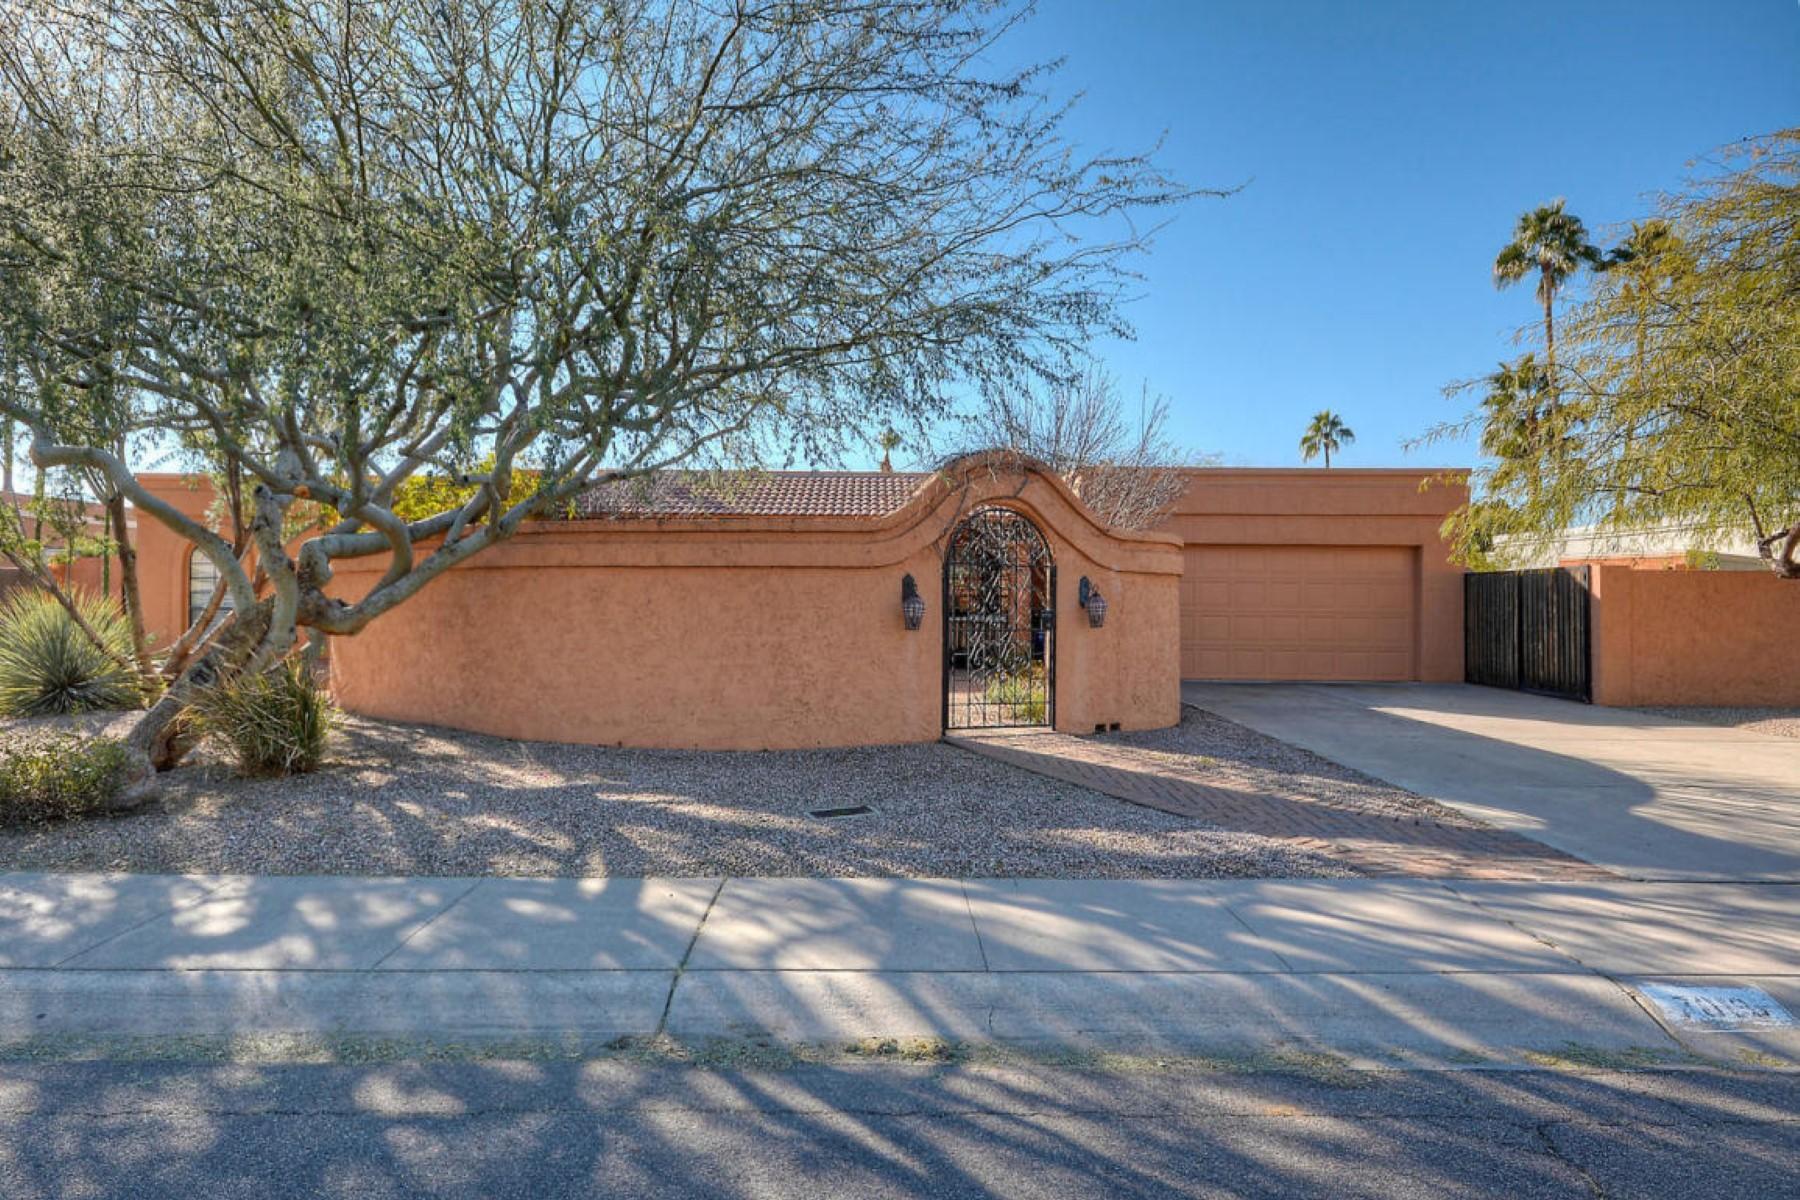 独户住宅 为 销售 在 Highly desirable Raskin Estates 7019 E Friess Dr 斯科茨代尔, 亚利桑那州 85254 美国